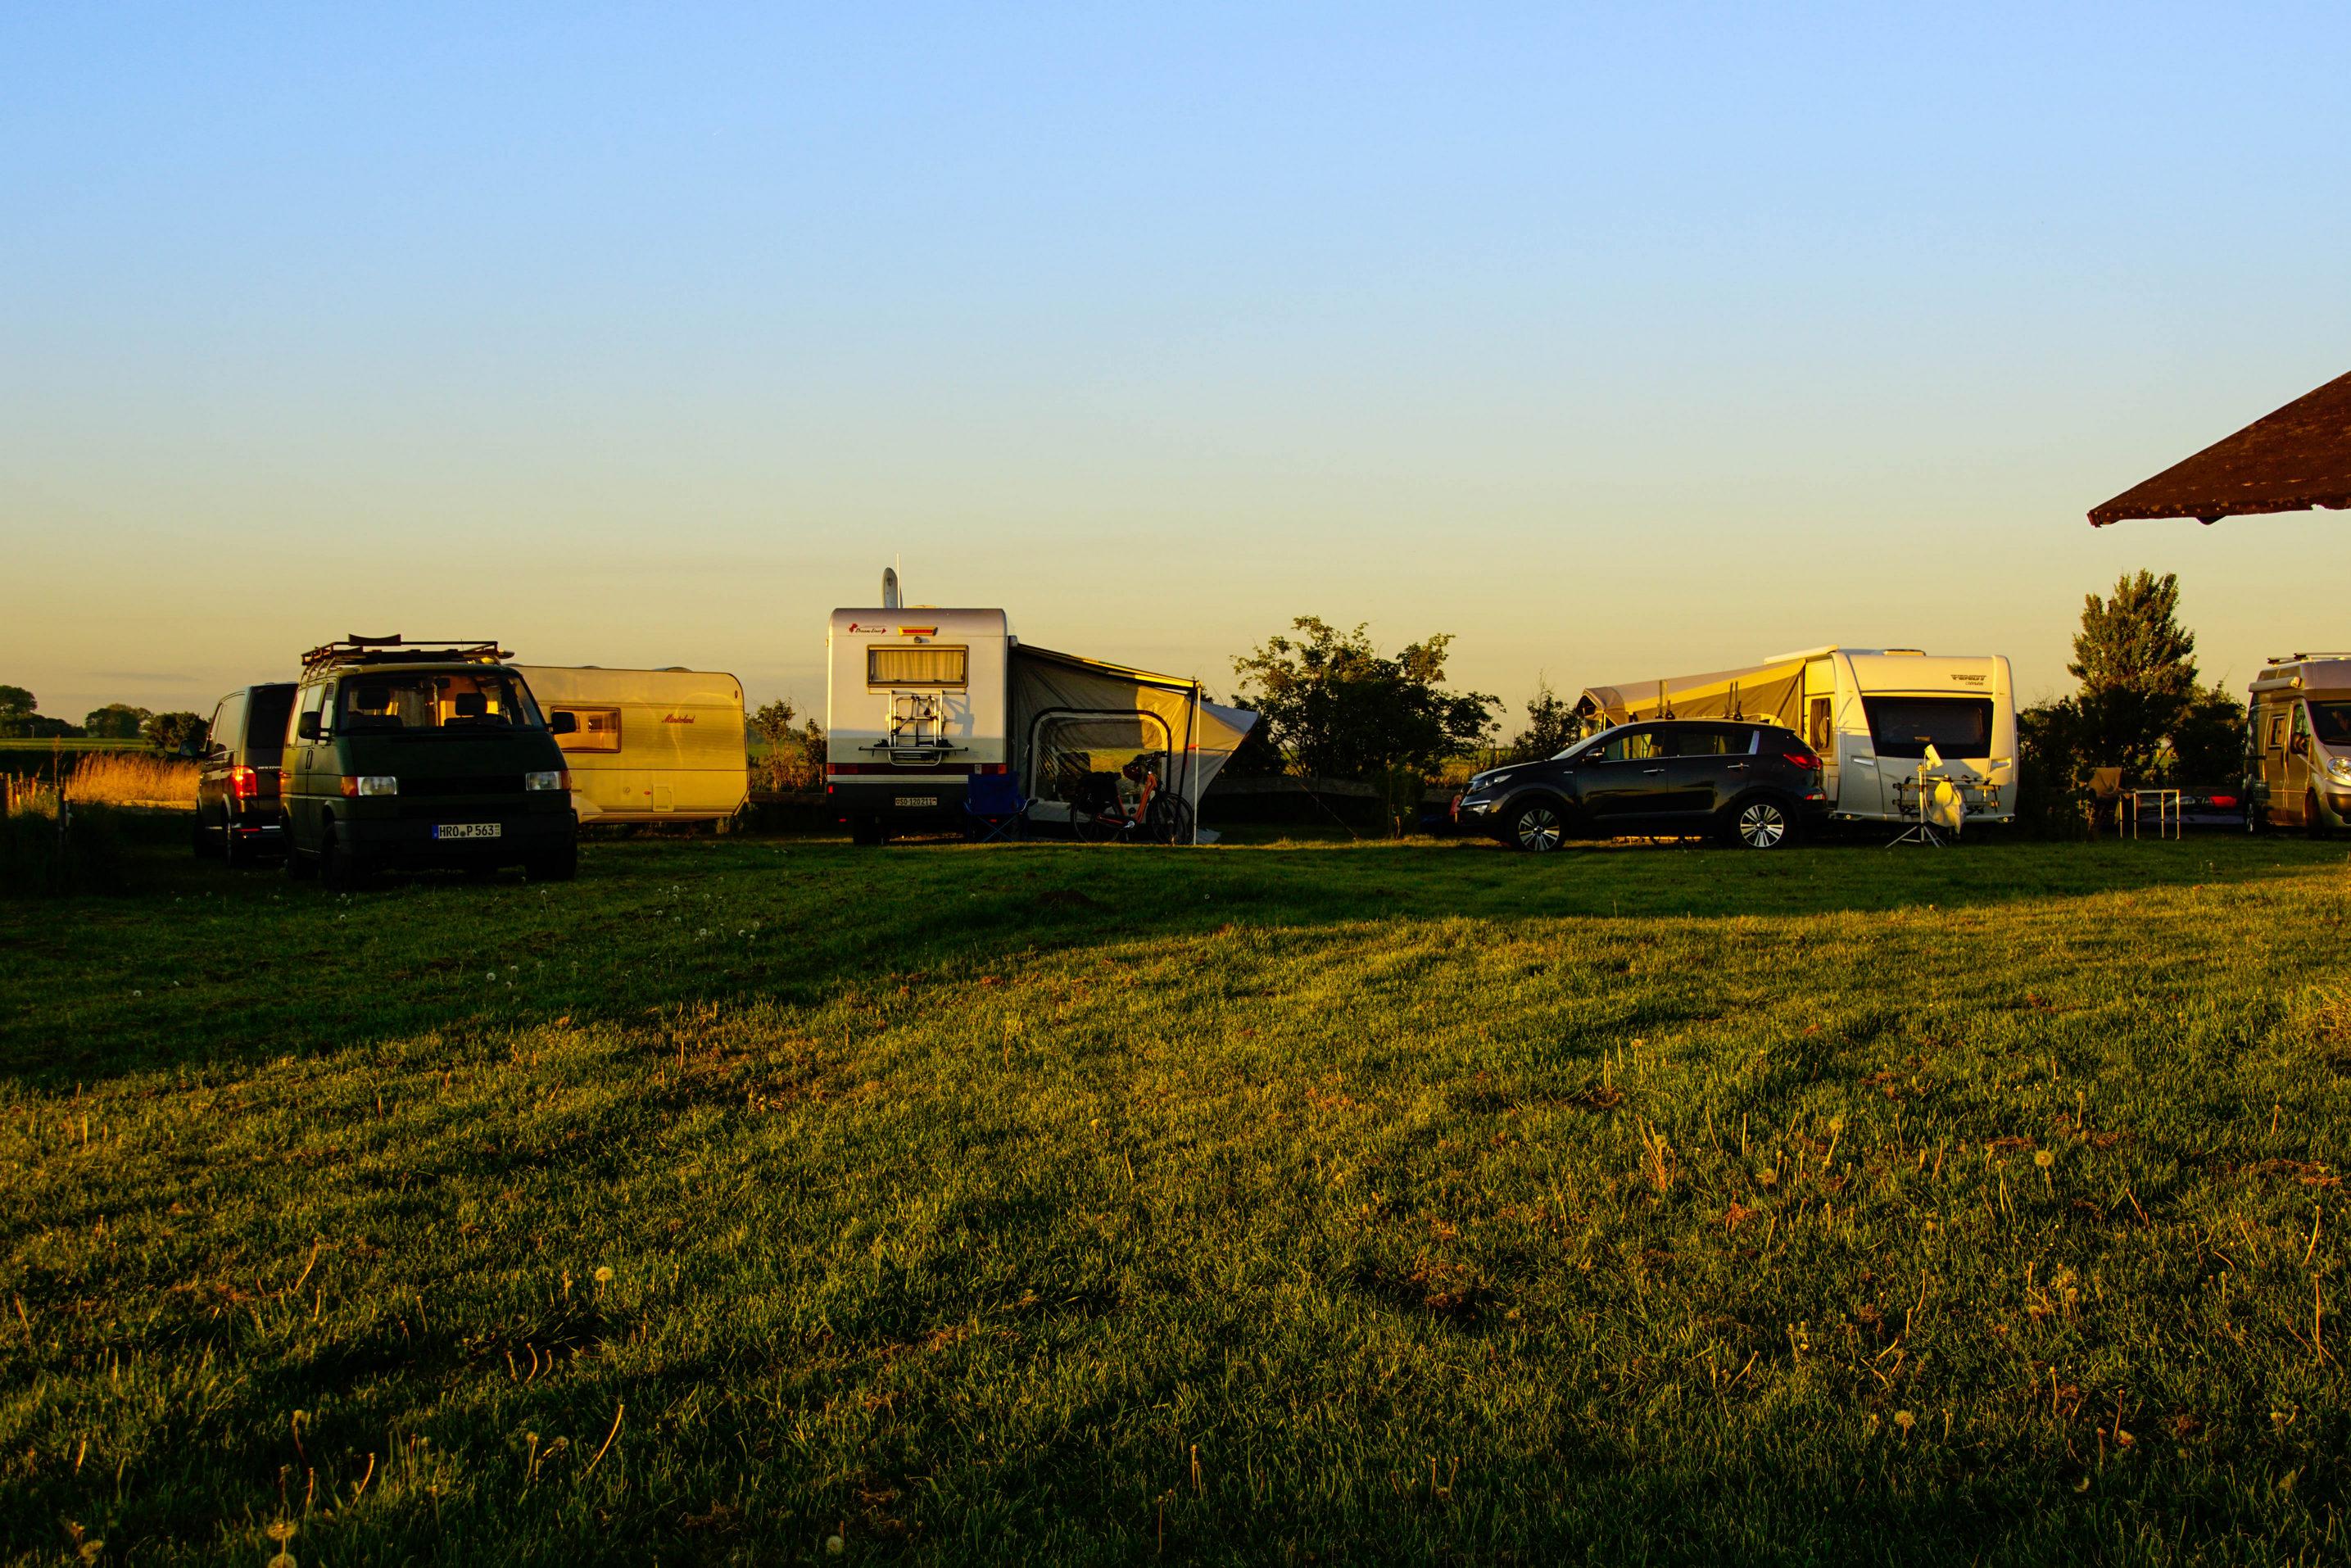 Camping Schaproder Bodden